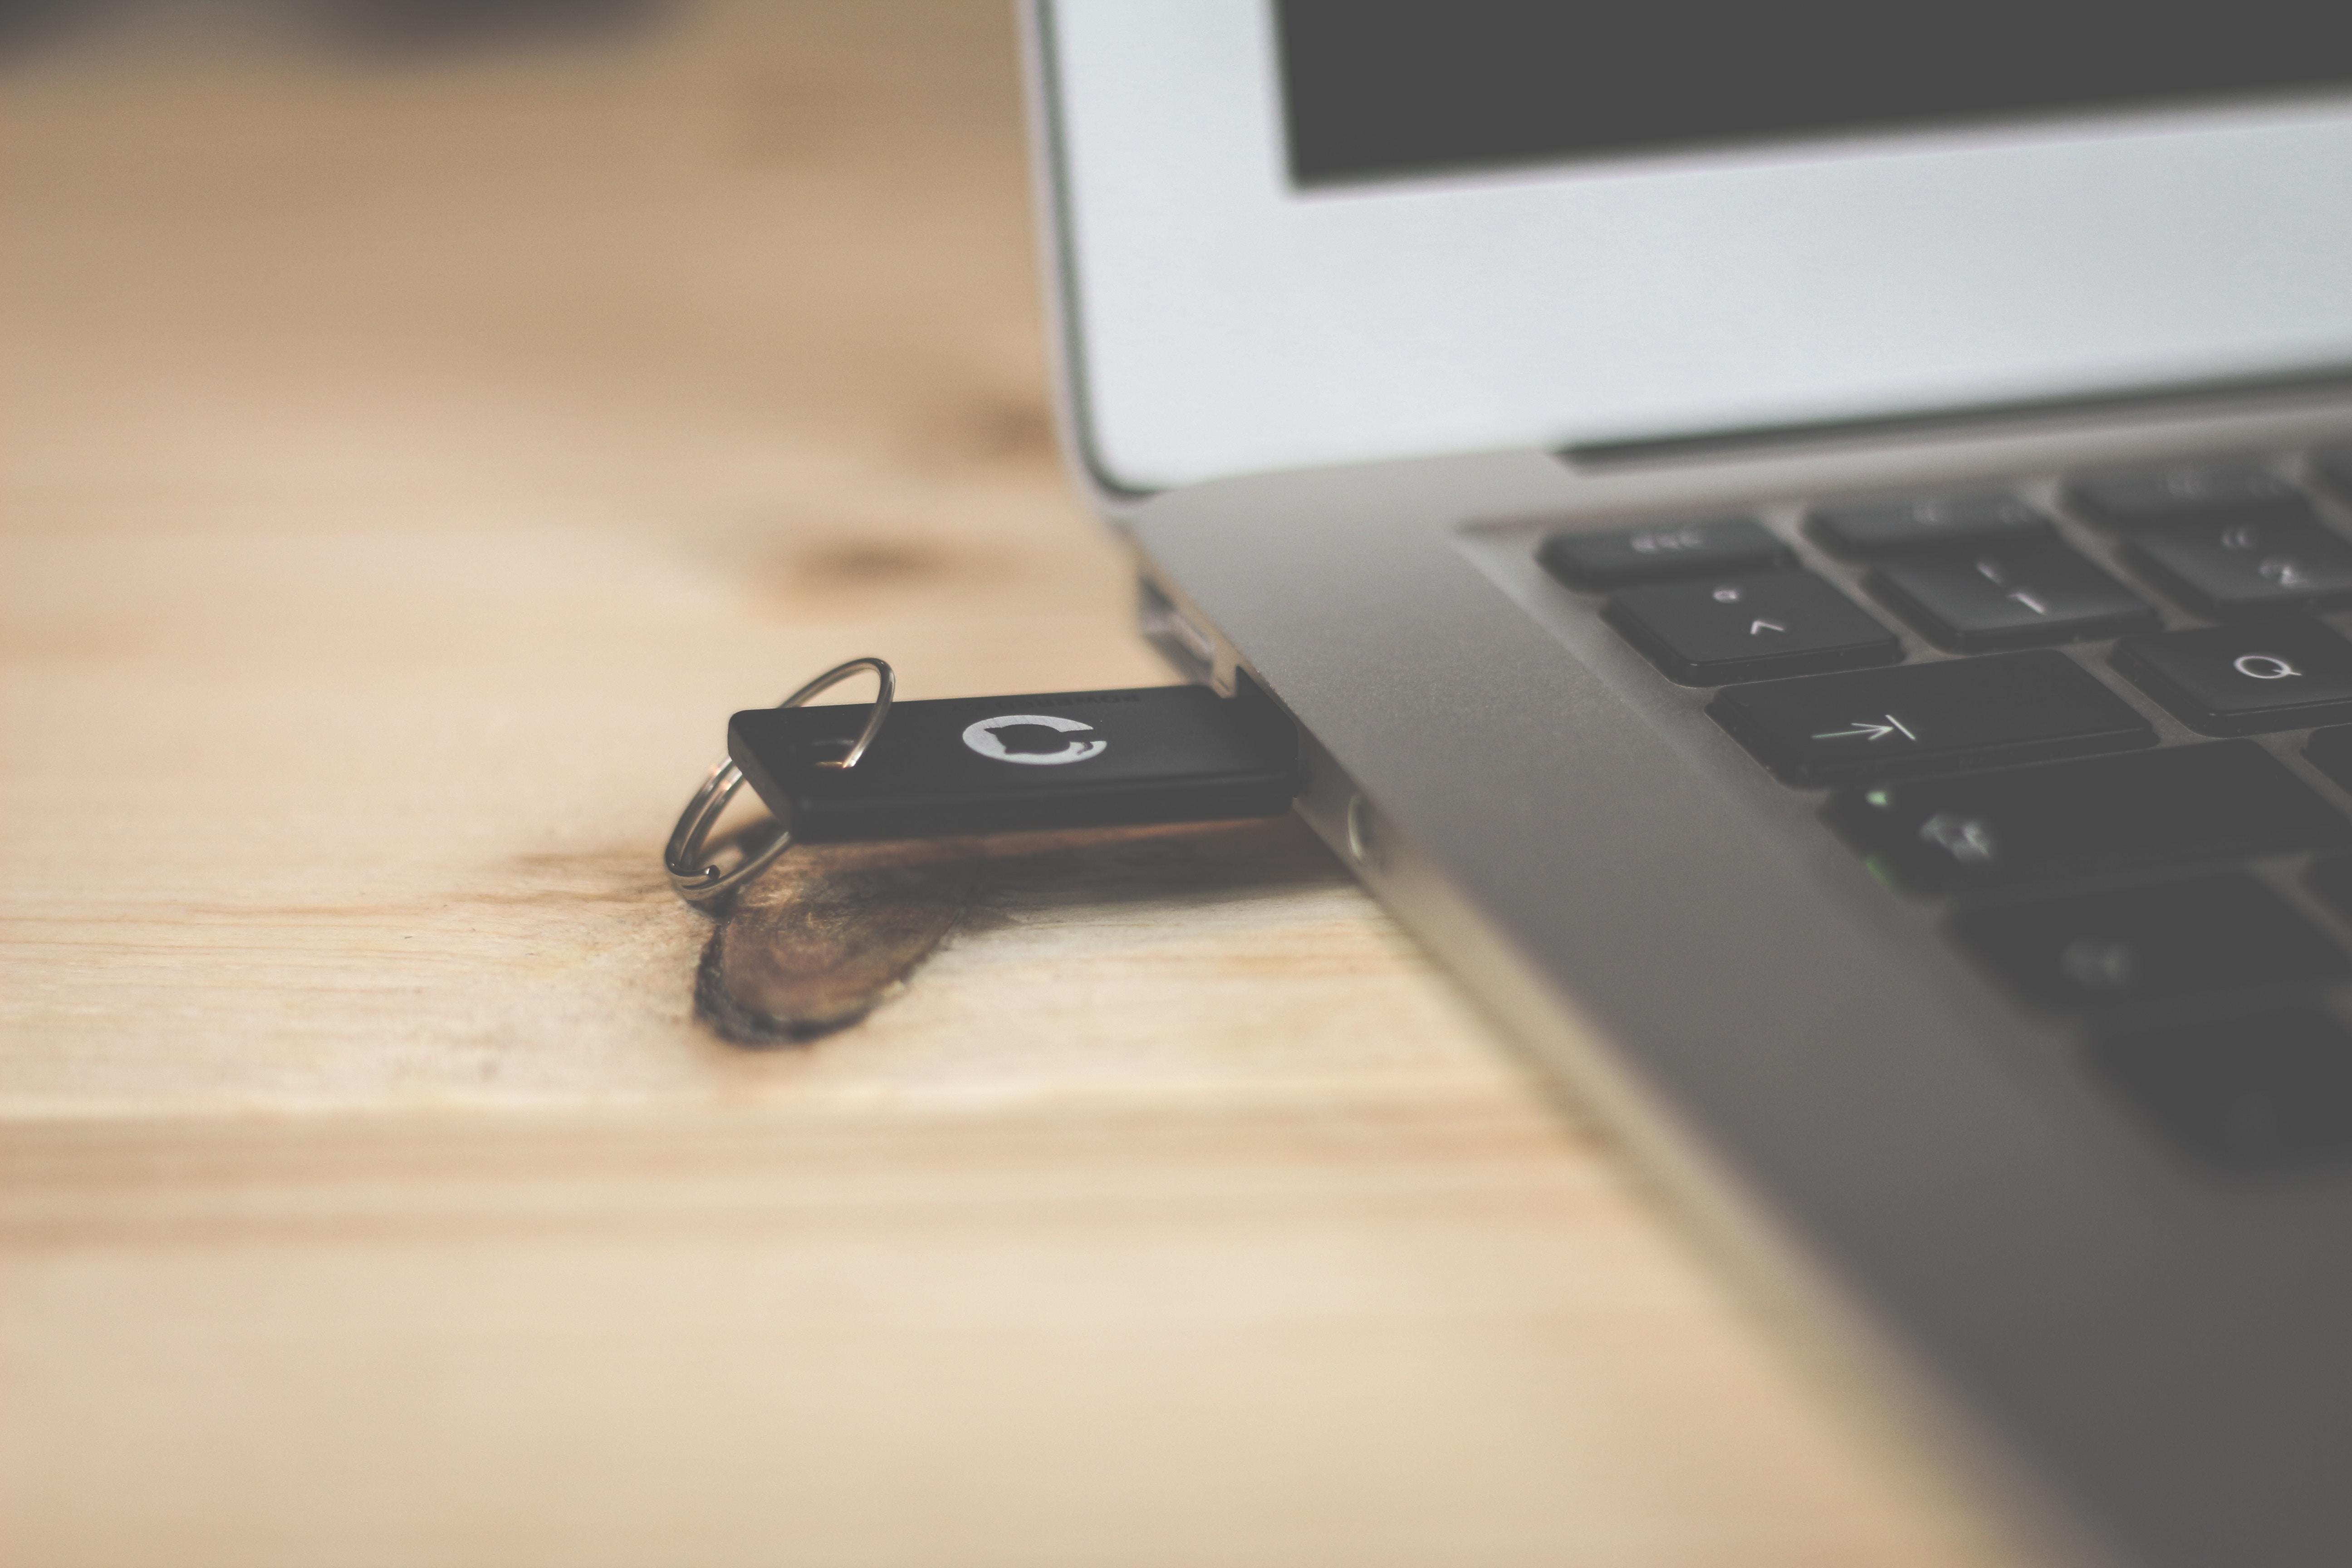 USB - Data Breach